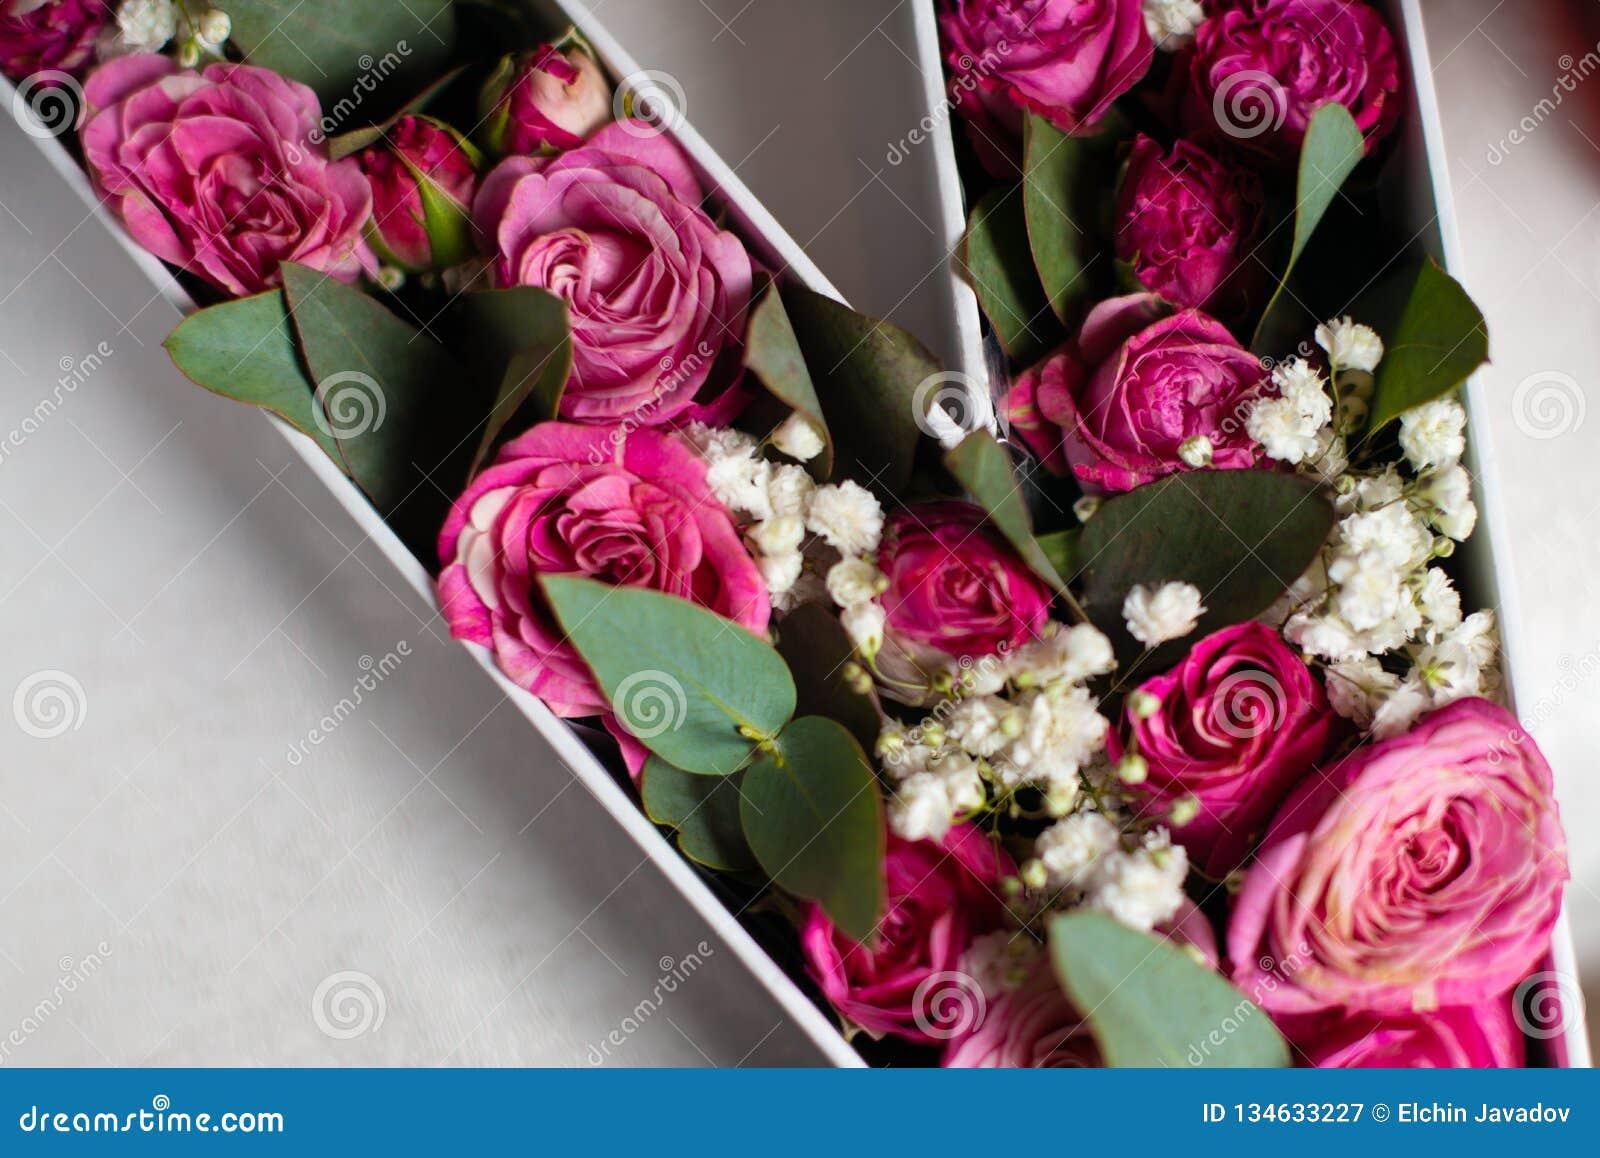 Bouquet De Fleur Pour La Fête D Anniversaire Bouquet De